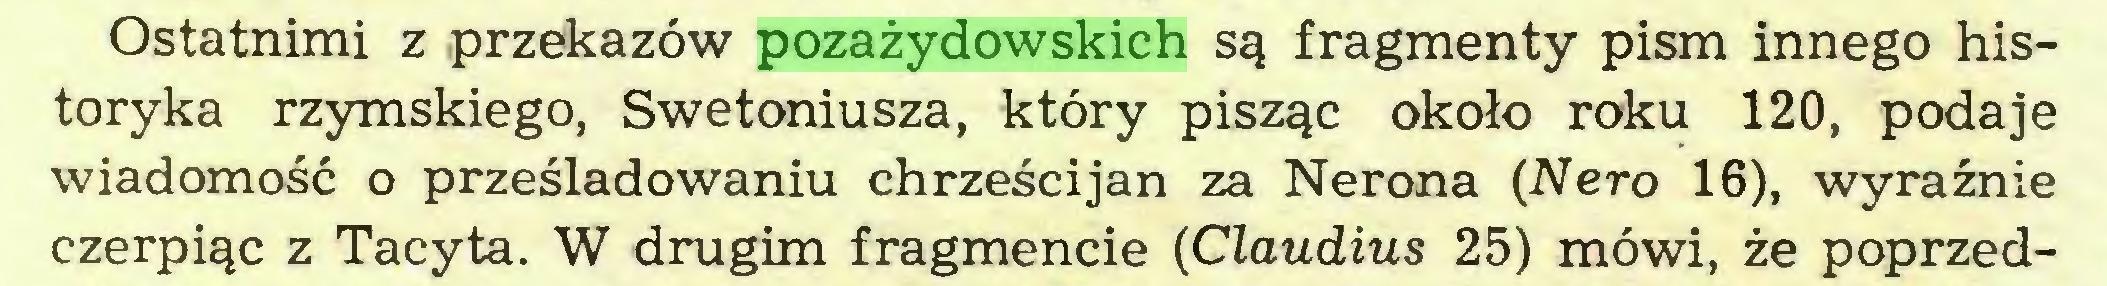 (...) Ostatnimi z przekazów pozażydowskich są fragmenty pism innego historyka rzymskiego, Swetoniusza, który pisząc około roku 120, podaje wiadomość o prześladowaniu chrześcijan za Nerona (Nero 16), wyraźnie czerpiąc z Tacyta. W drugim fragmencie (Claudius 25) mówi, że poprzed...